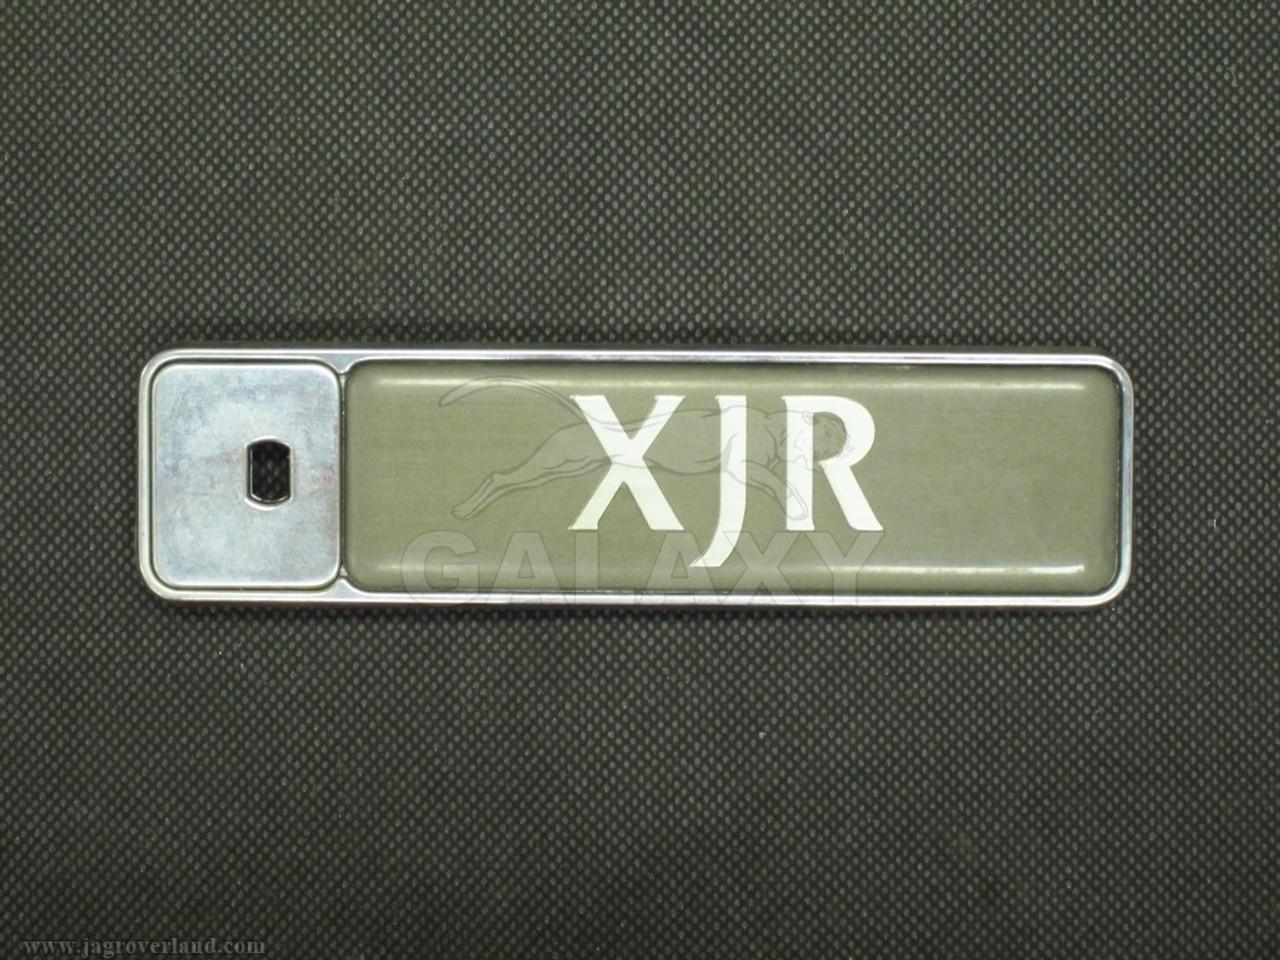 NEW Jaguar Badge Trunk Emblem XJ8L 1998-2003  HND5994EA